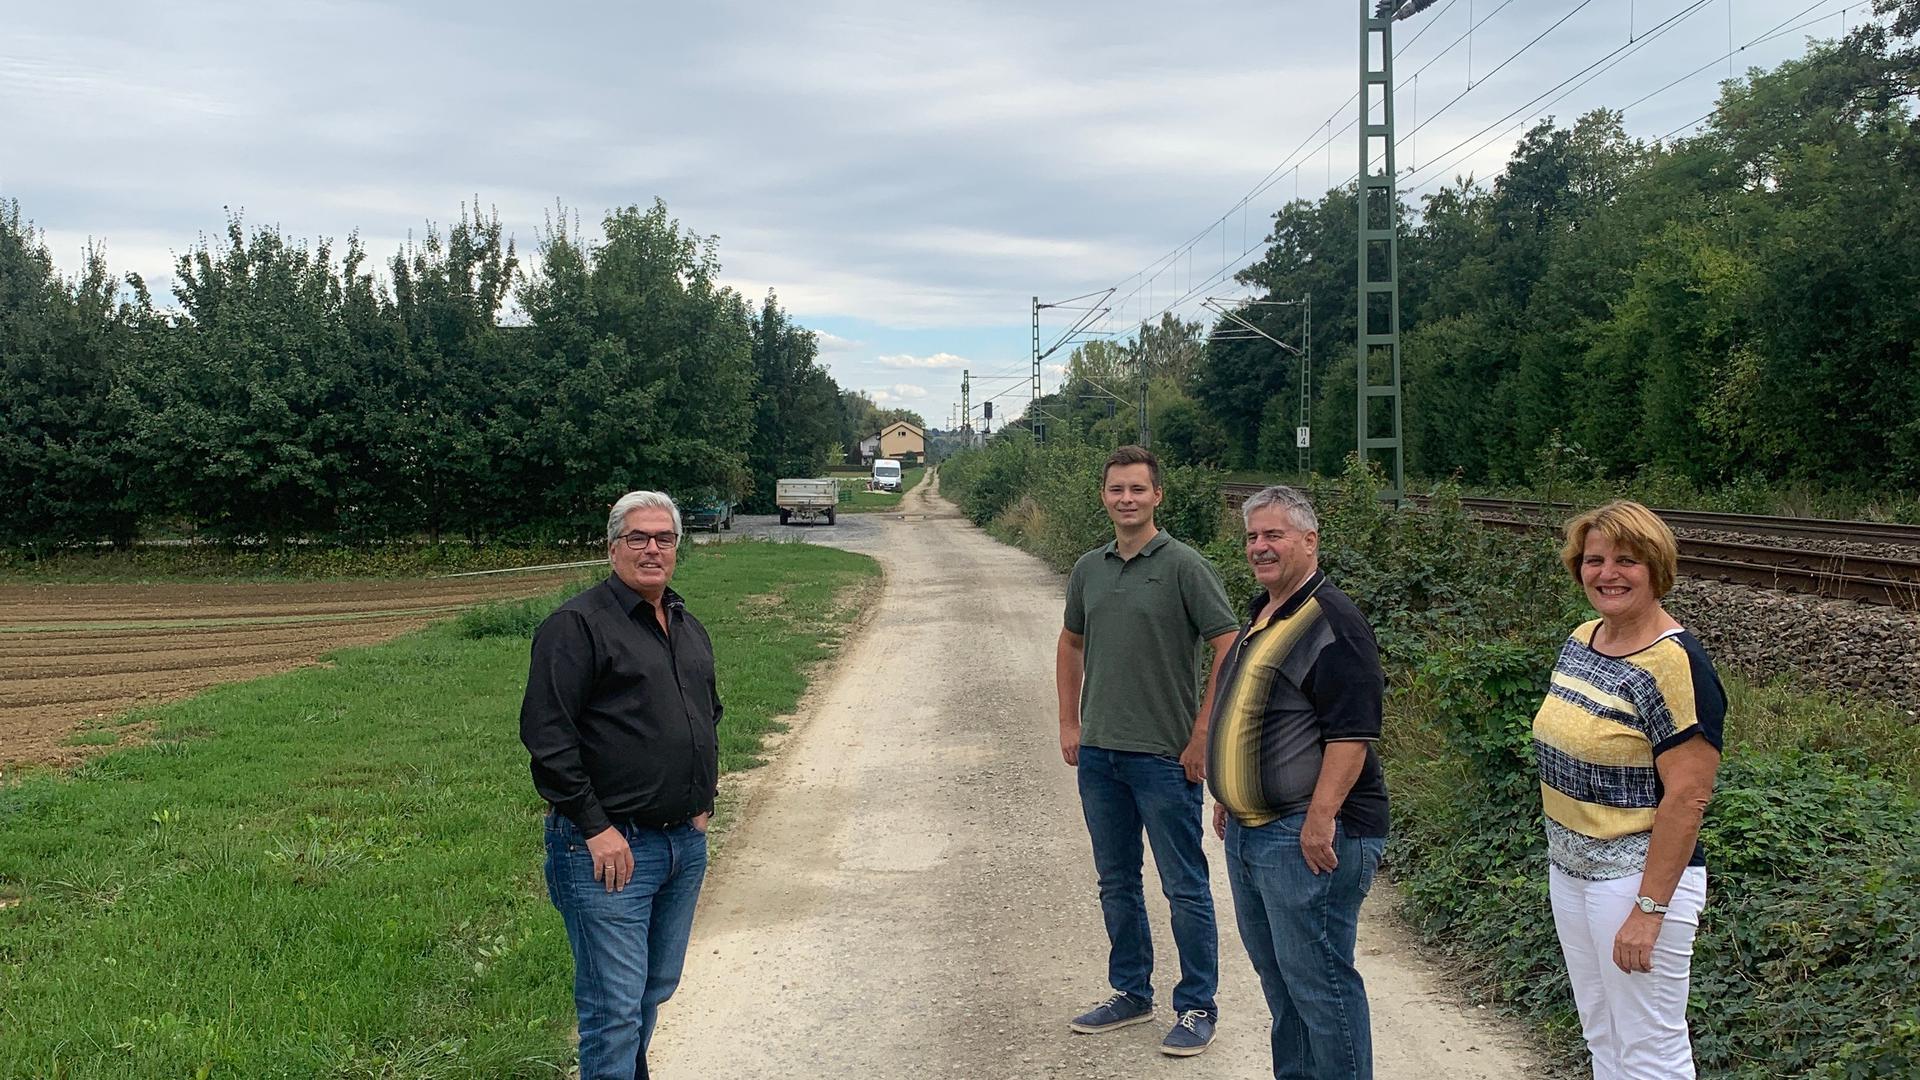 Gondelsheims Bürgermeister Markus Rupp (links) zusammen mit Valentin Mattis (Zweiter von links), Edgar Schlotterbeck und Birgit Halgato von der Brettener SPD beim Vor-Ort-Termin zum neuen Radweg.